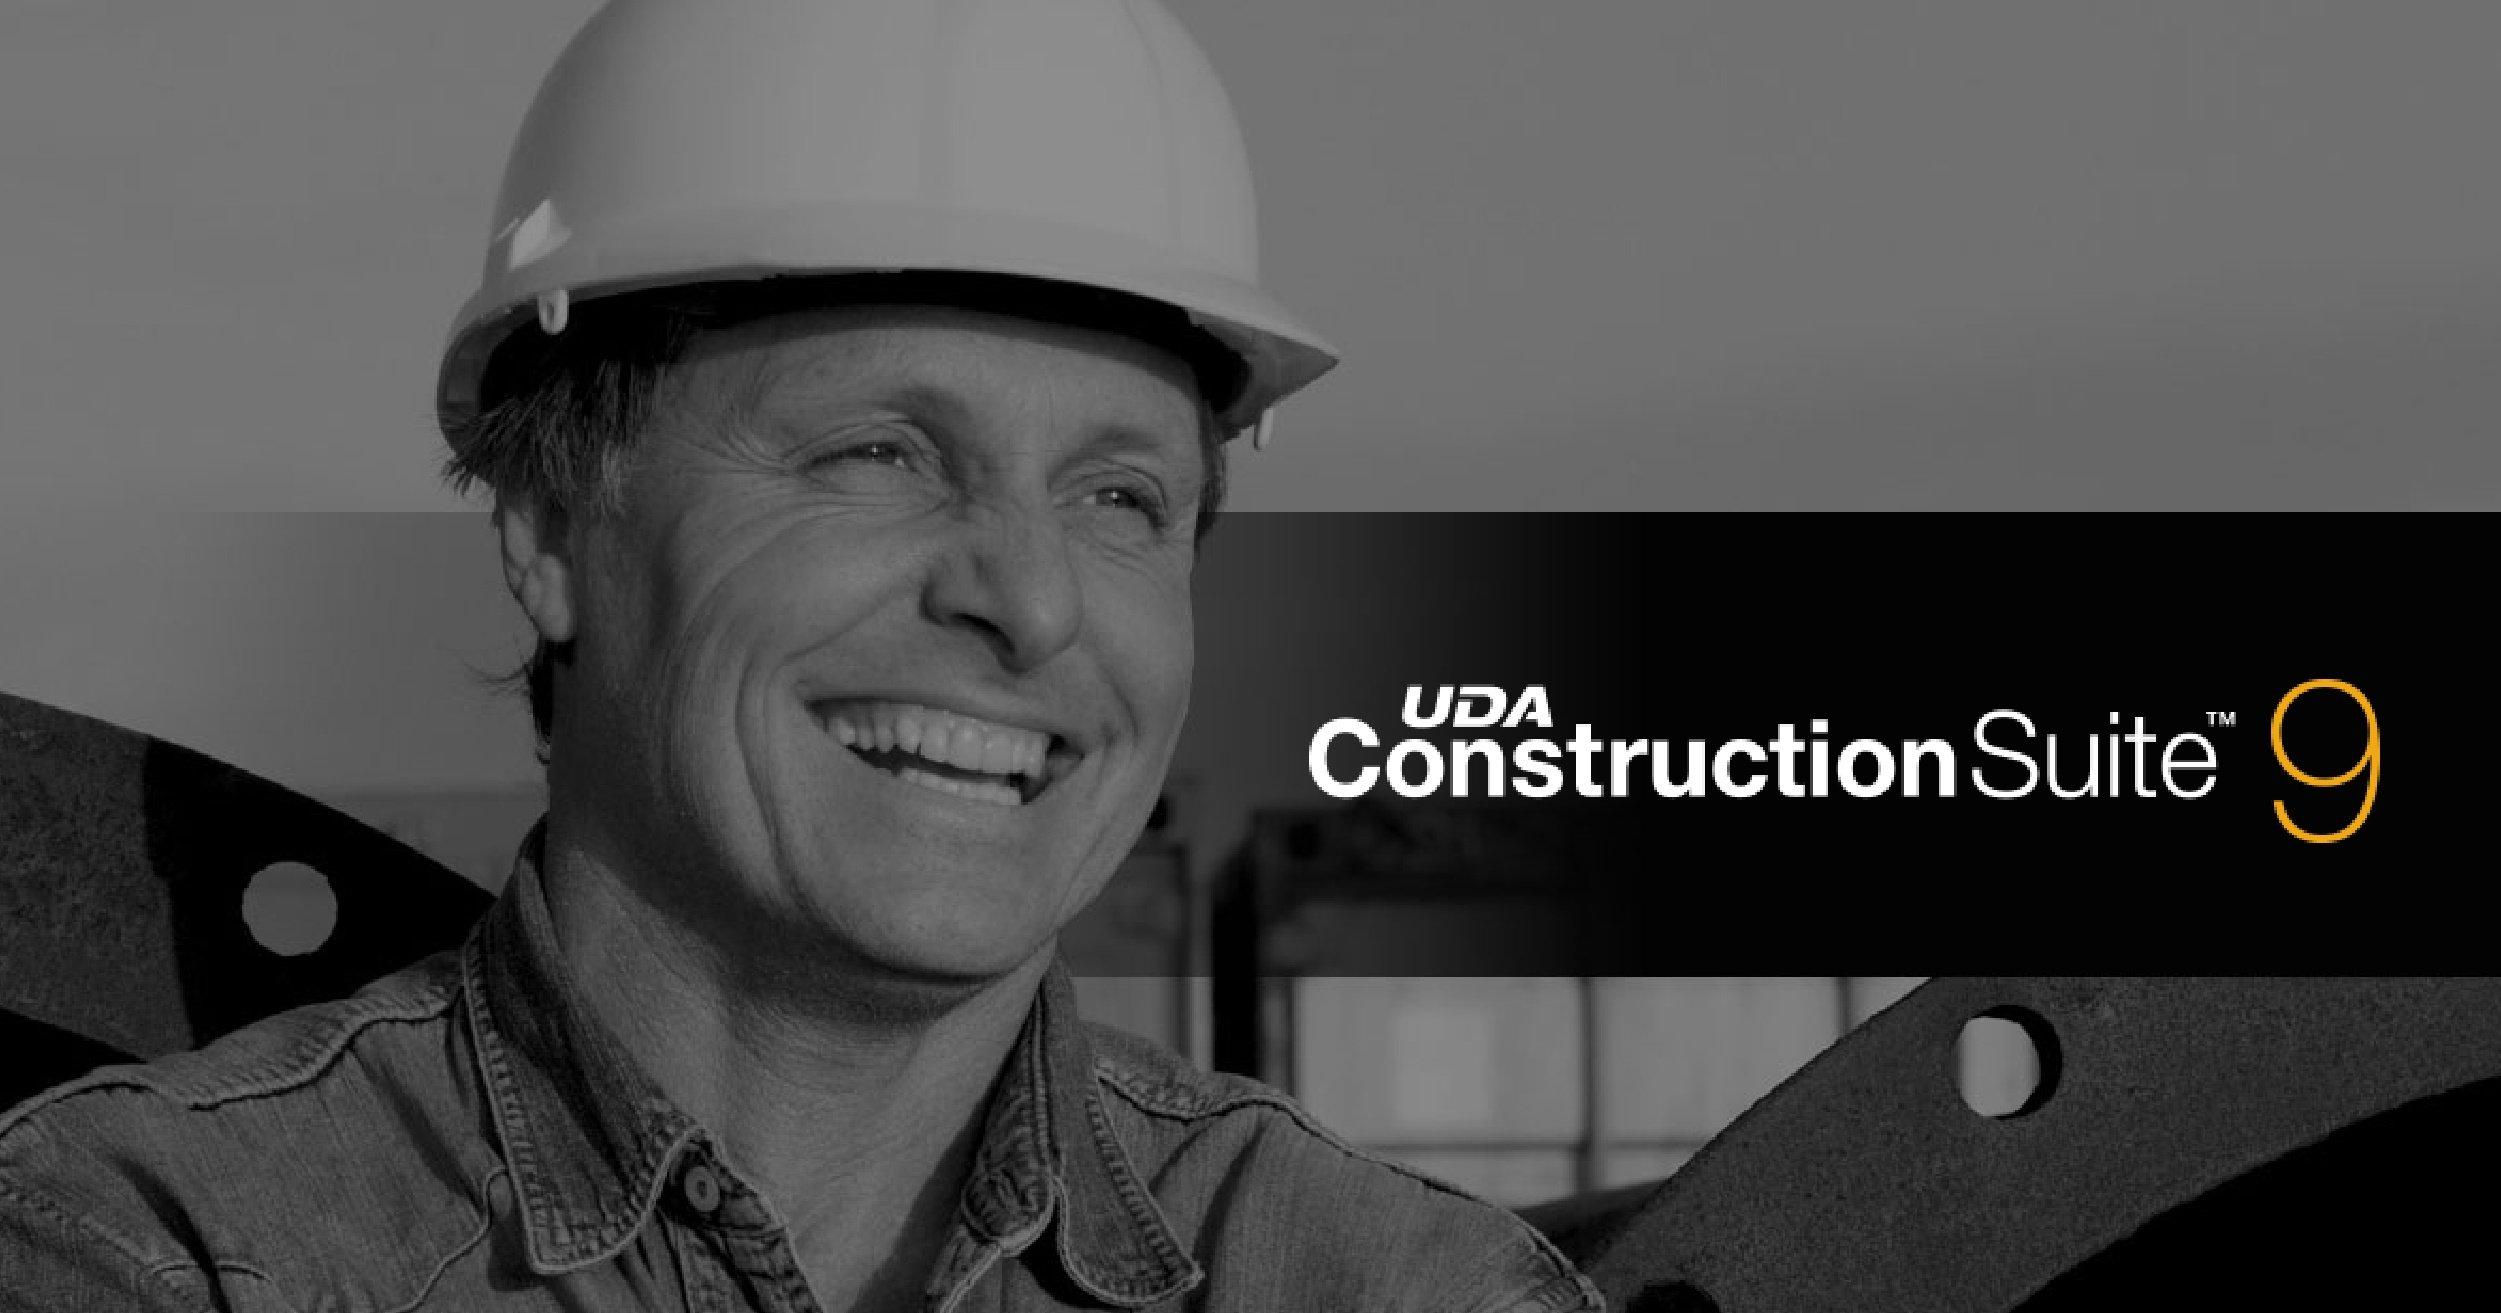 UDA Announces ConstructionSuite 9